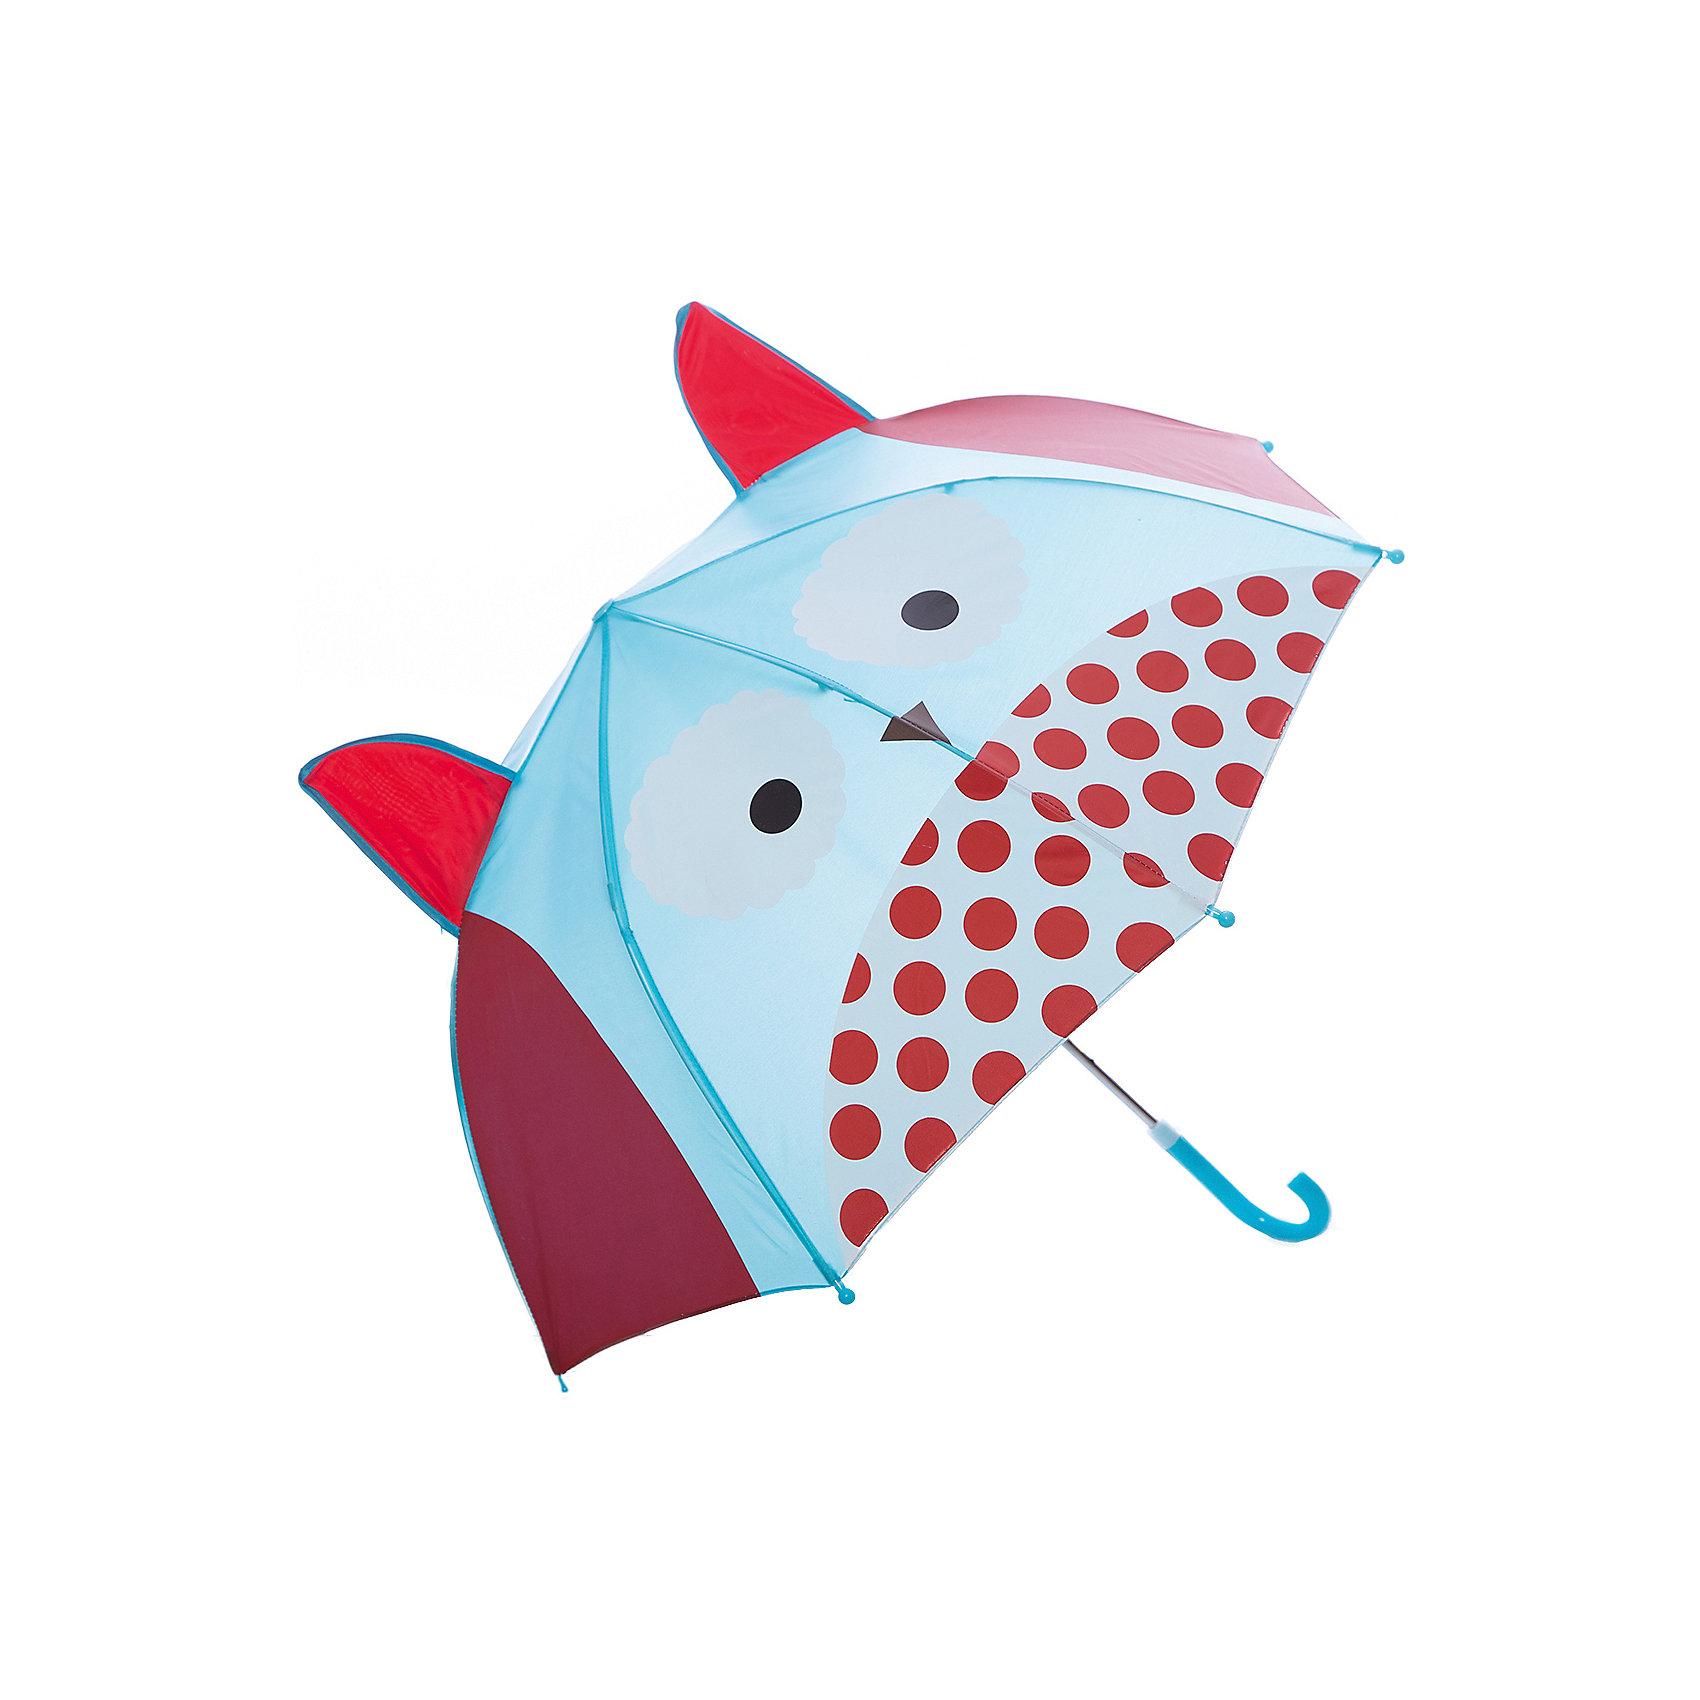 Зонт детский Сова, 46 см.Зонты детские<br>Яркий и удобный зонтик для малышей Сова. Радиус: 46 см. Длина ручки: 57 см.<br><br>Ширина мм: 615<br>Глубина мм: 500<br>Высота мм: 800<br>Вес г: 250<br>Возраст от месяцев: 36<br>Возраст до месяцев: 2147483647<br>Пол: Унисекс<br>Возраст: Детский<br>SKU: 5508525